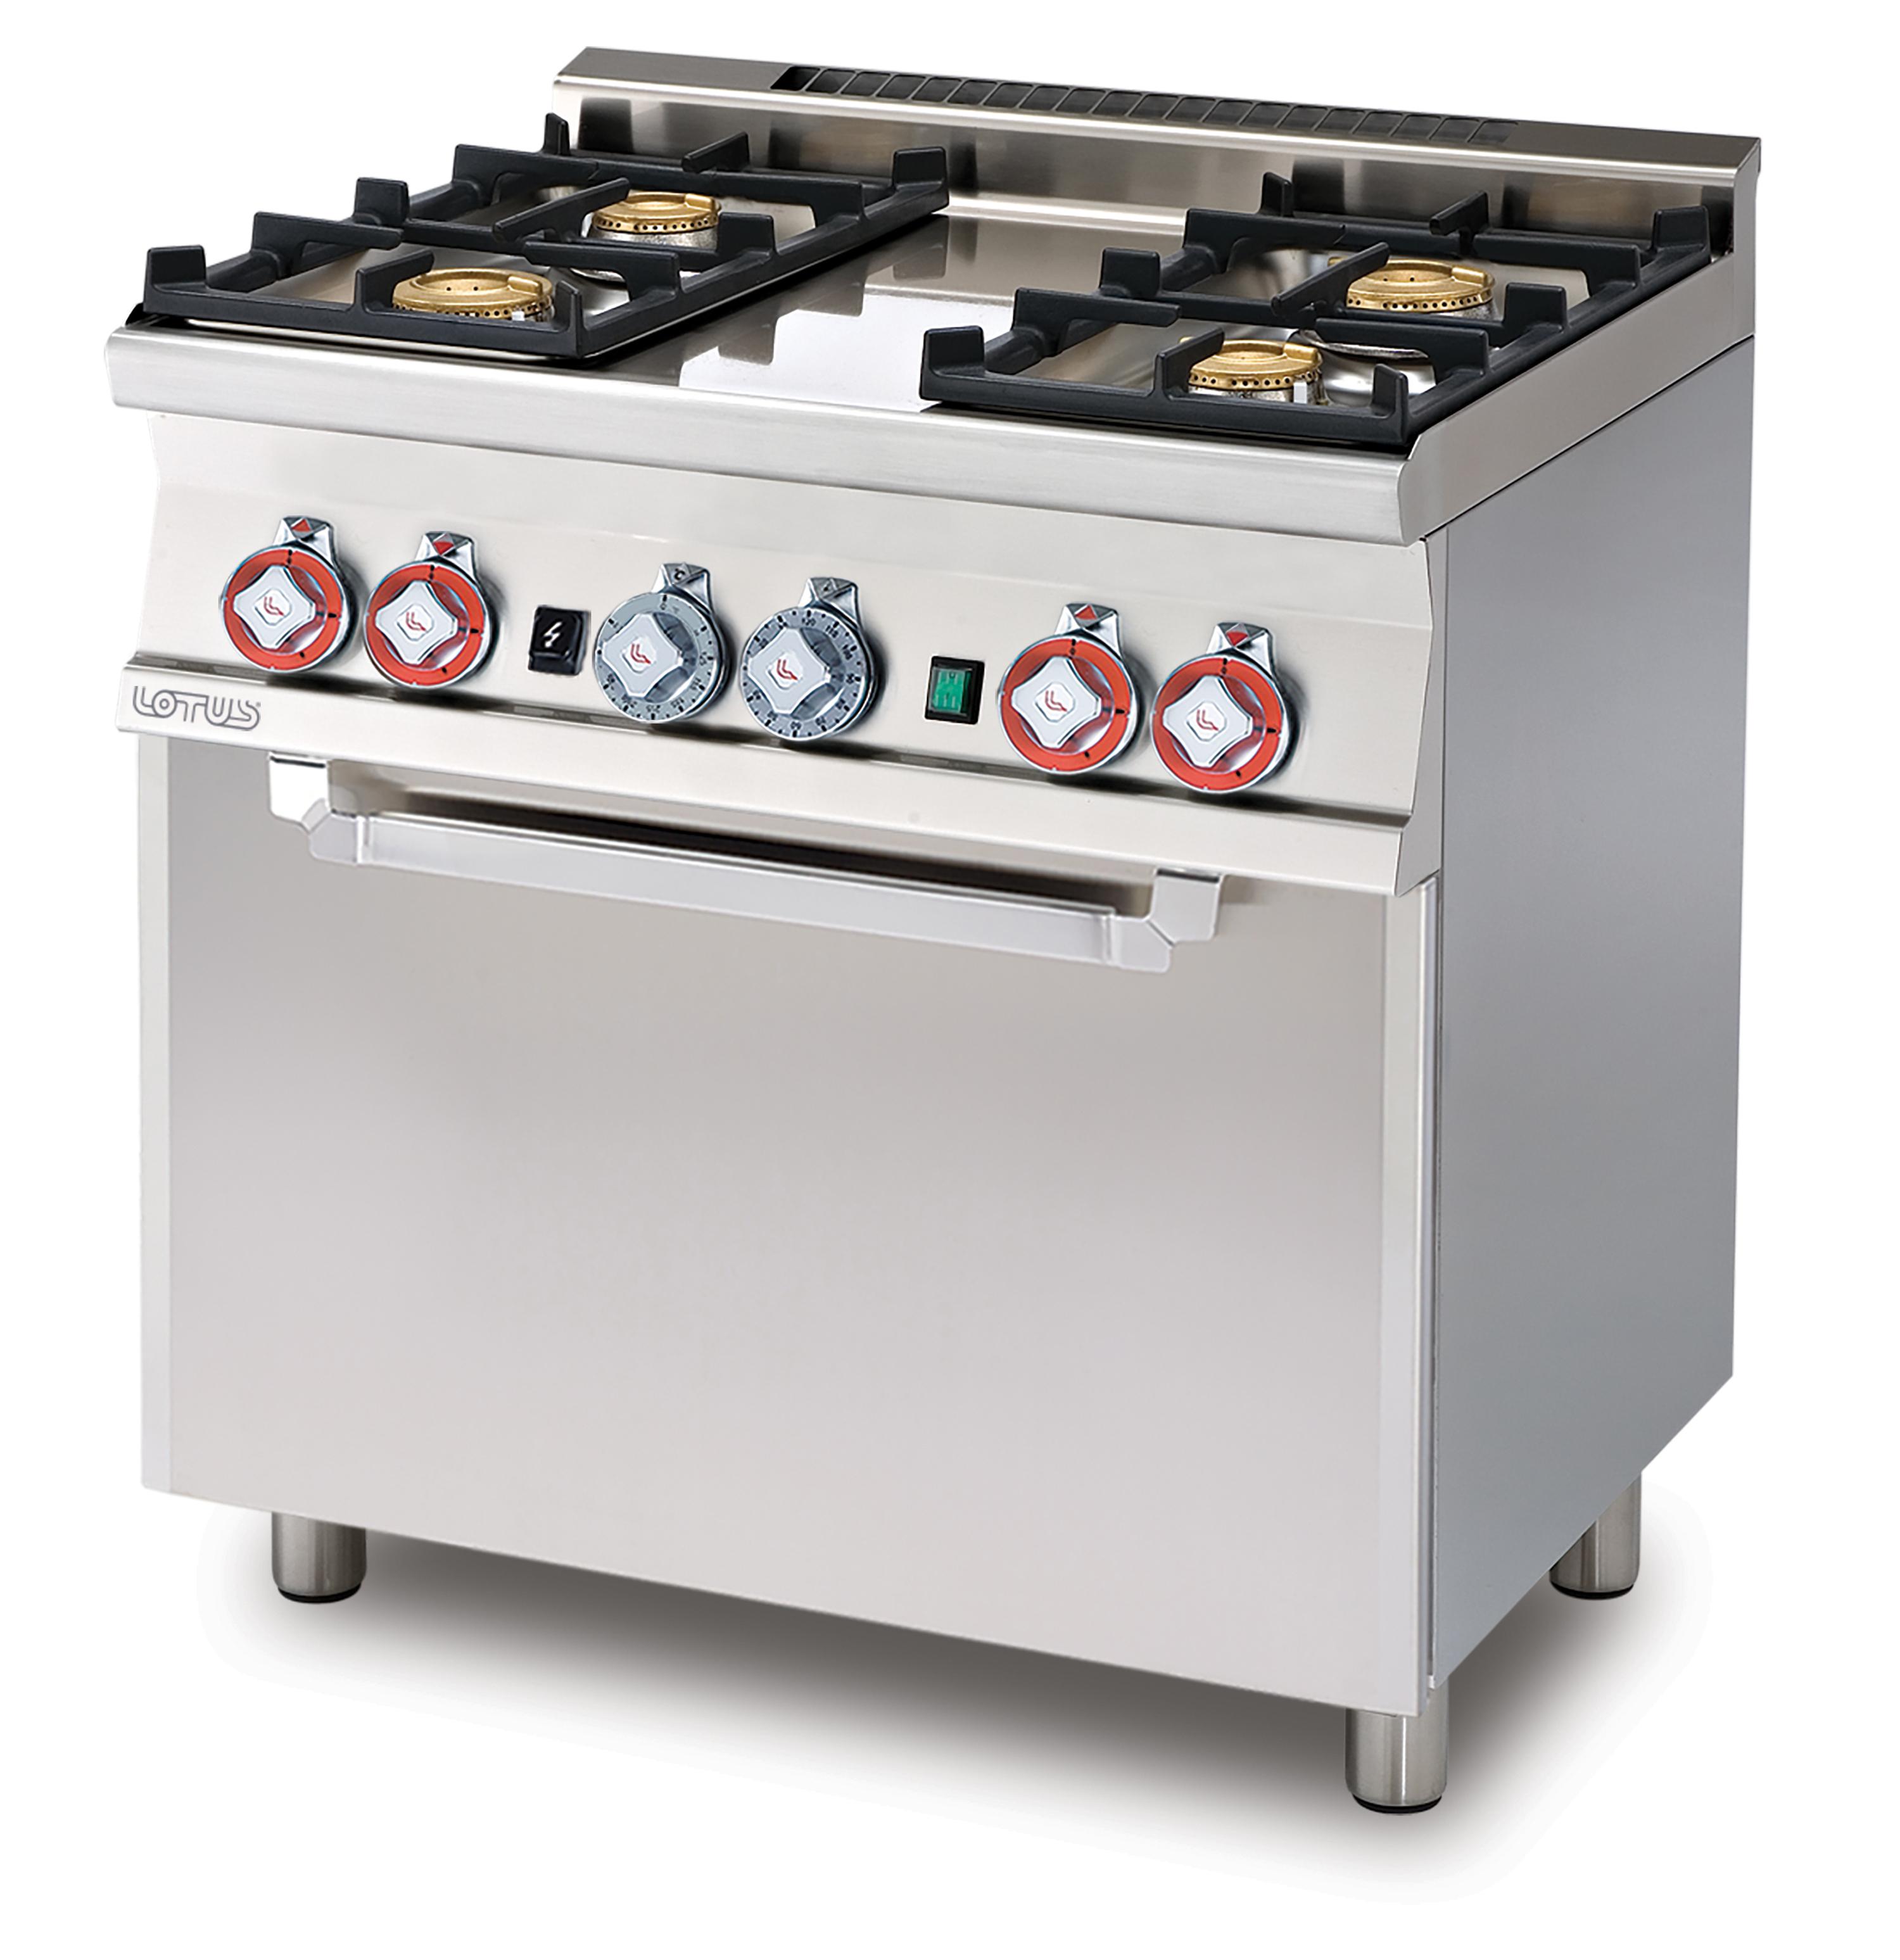 Cucine Professionali Usate Torino.Cucine Industriali Lotus Spa Ampia Gamma Di Cucine